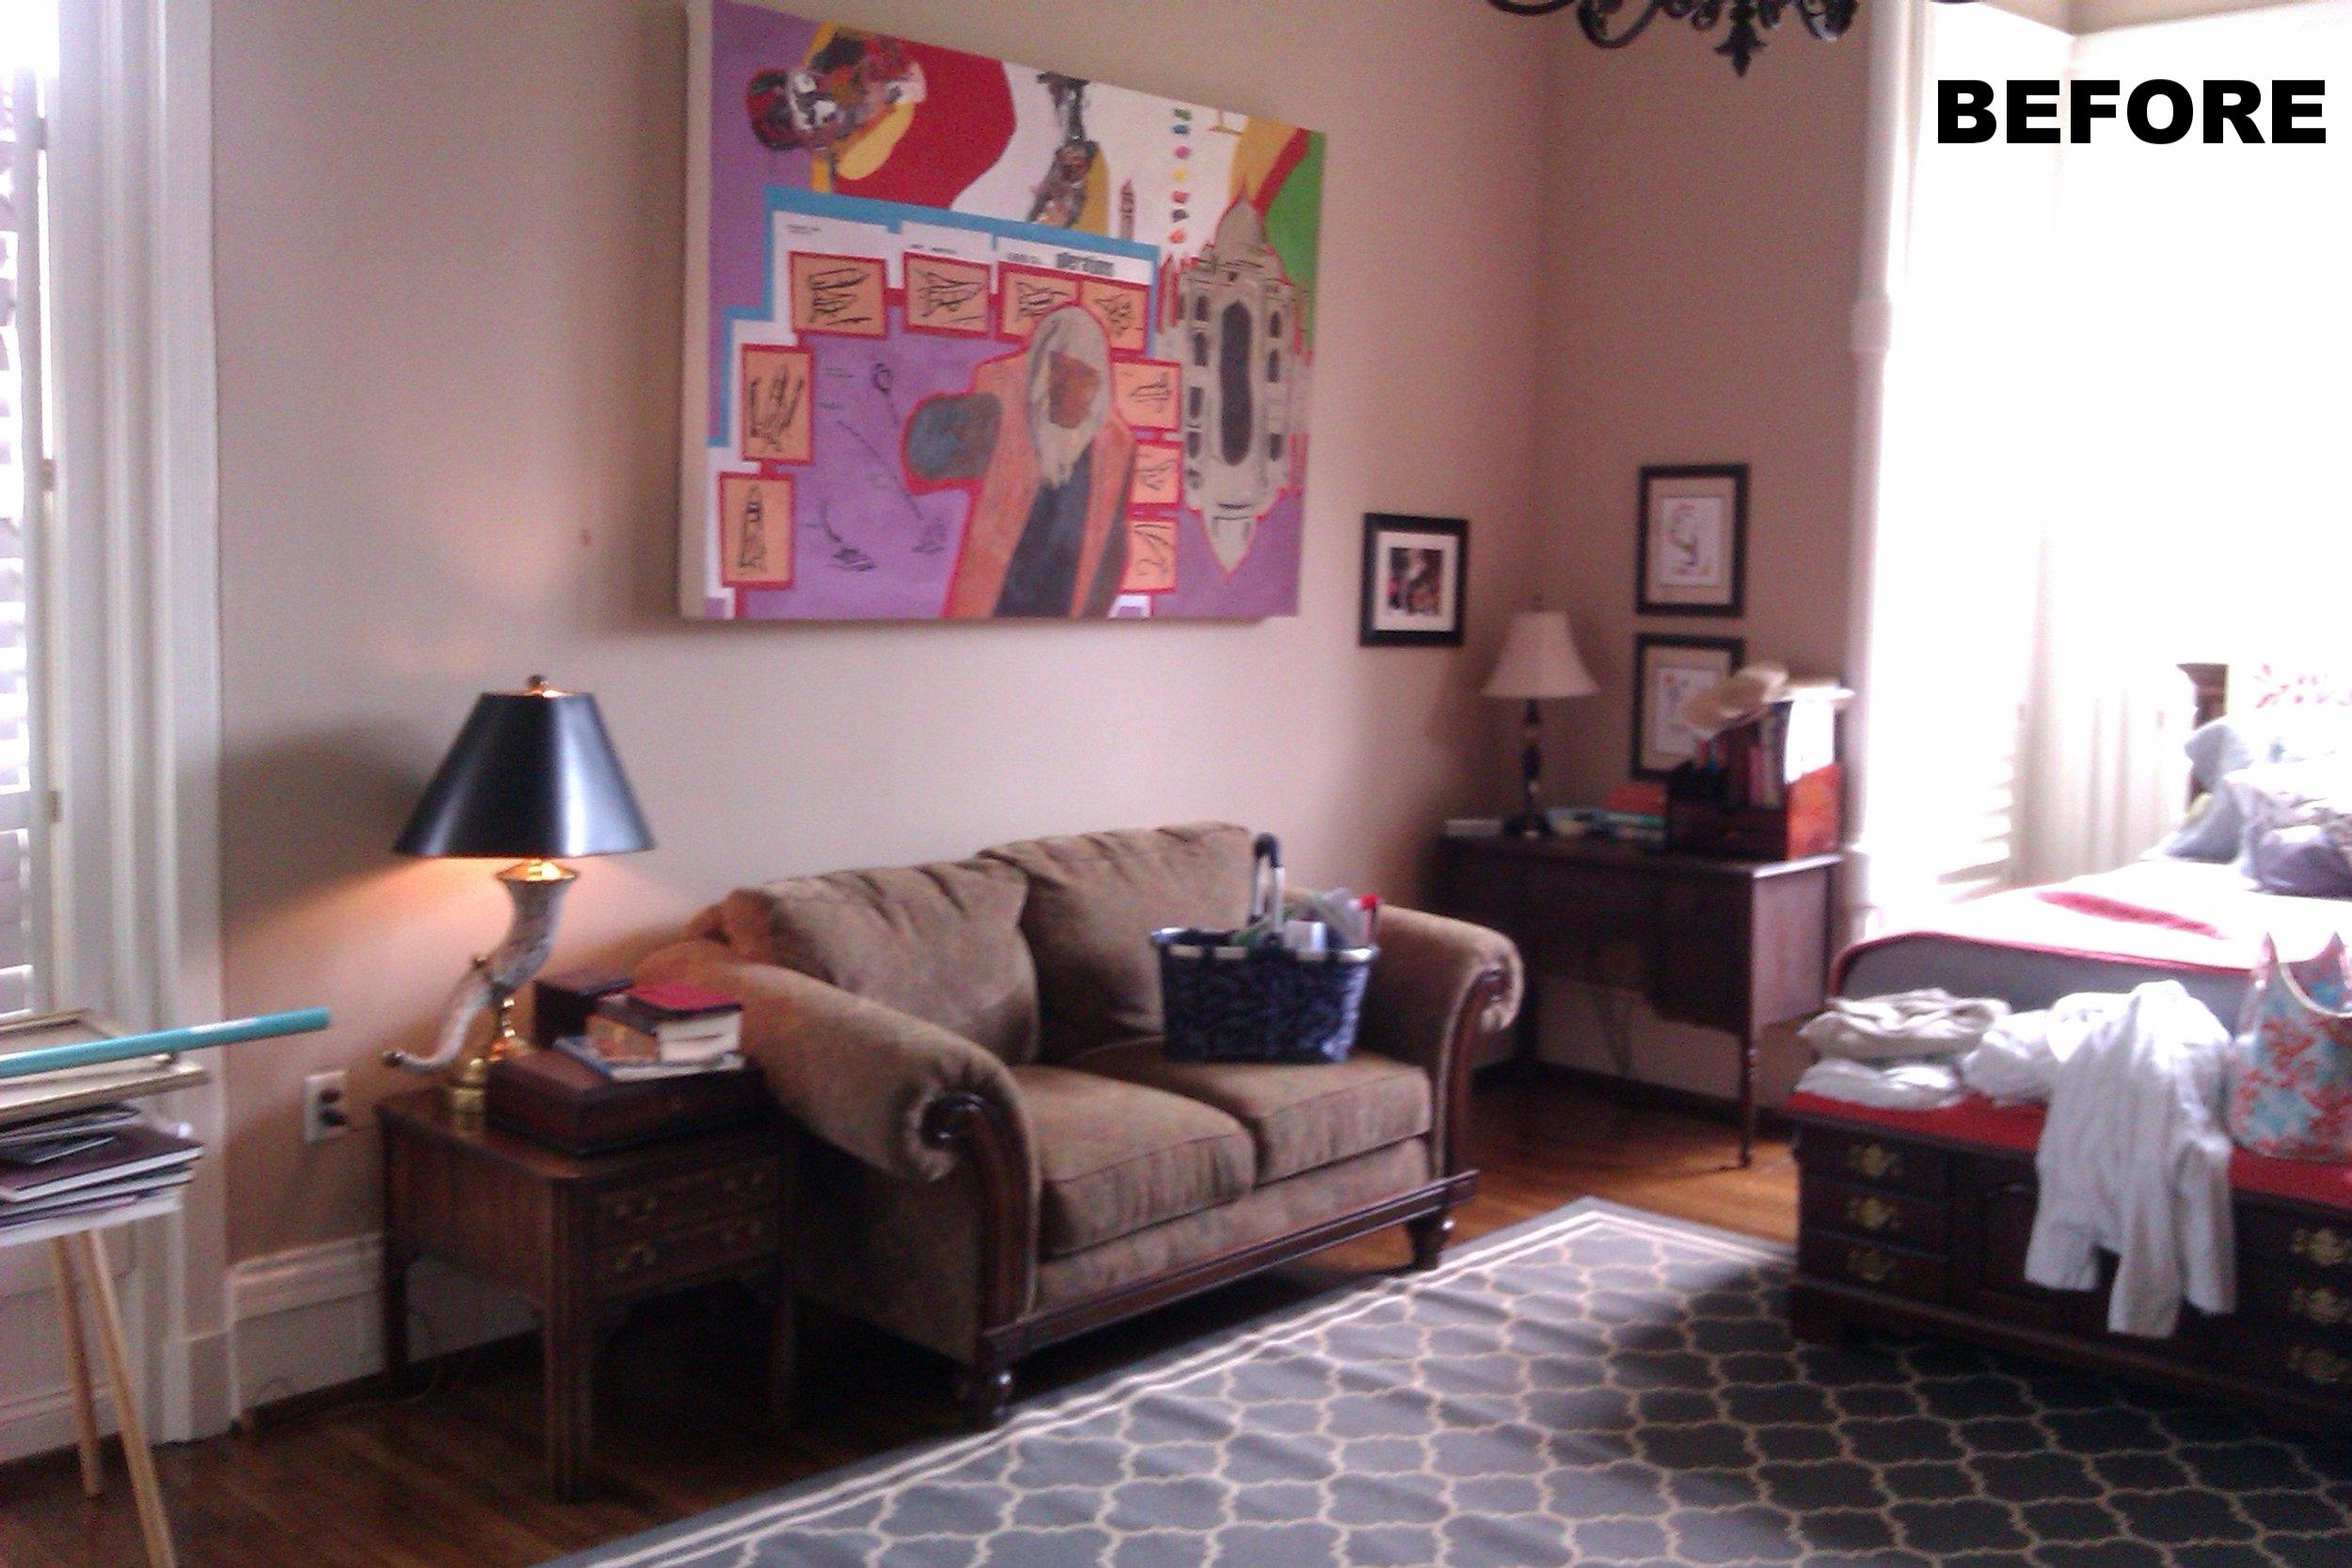 Bedroom Wall - Before.jpg